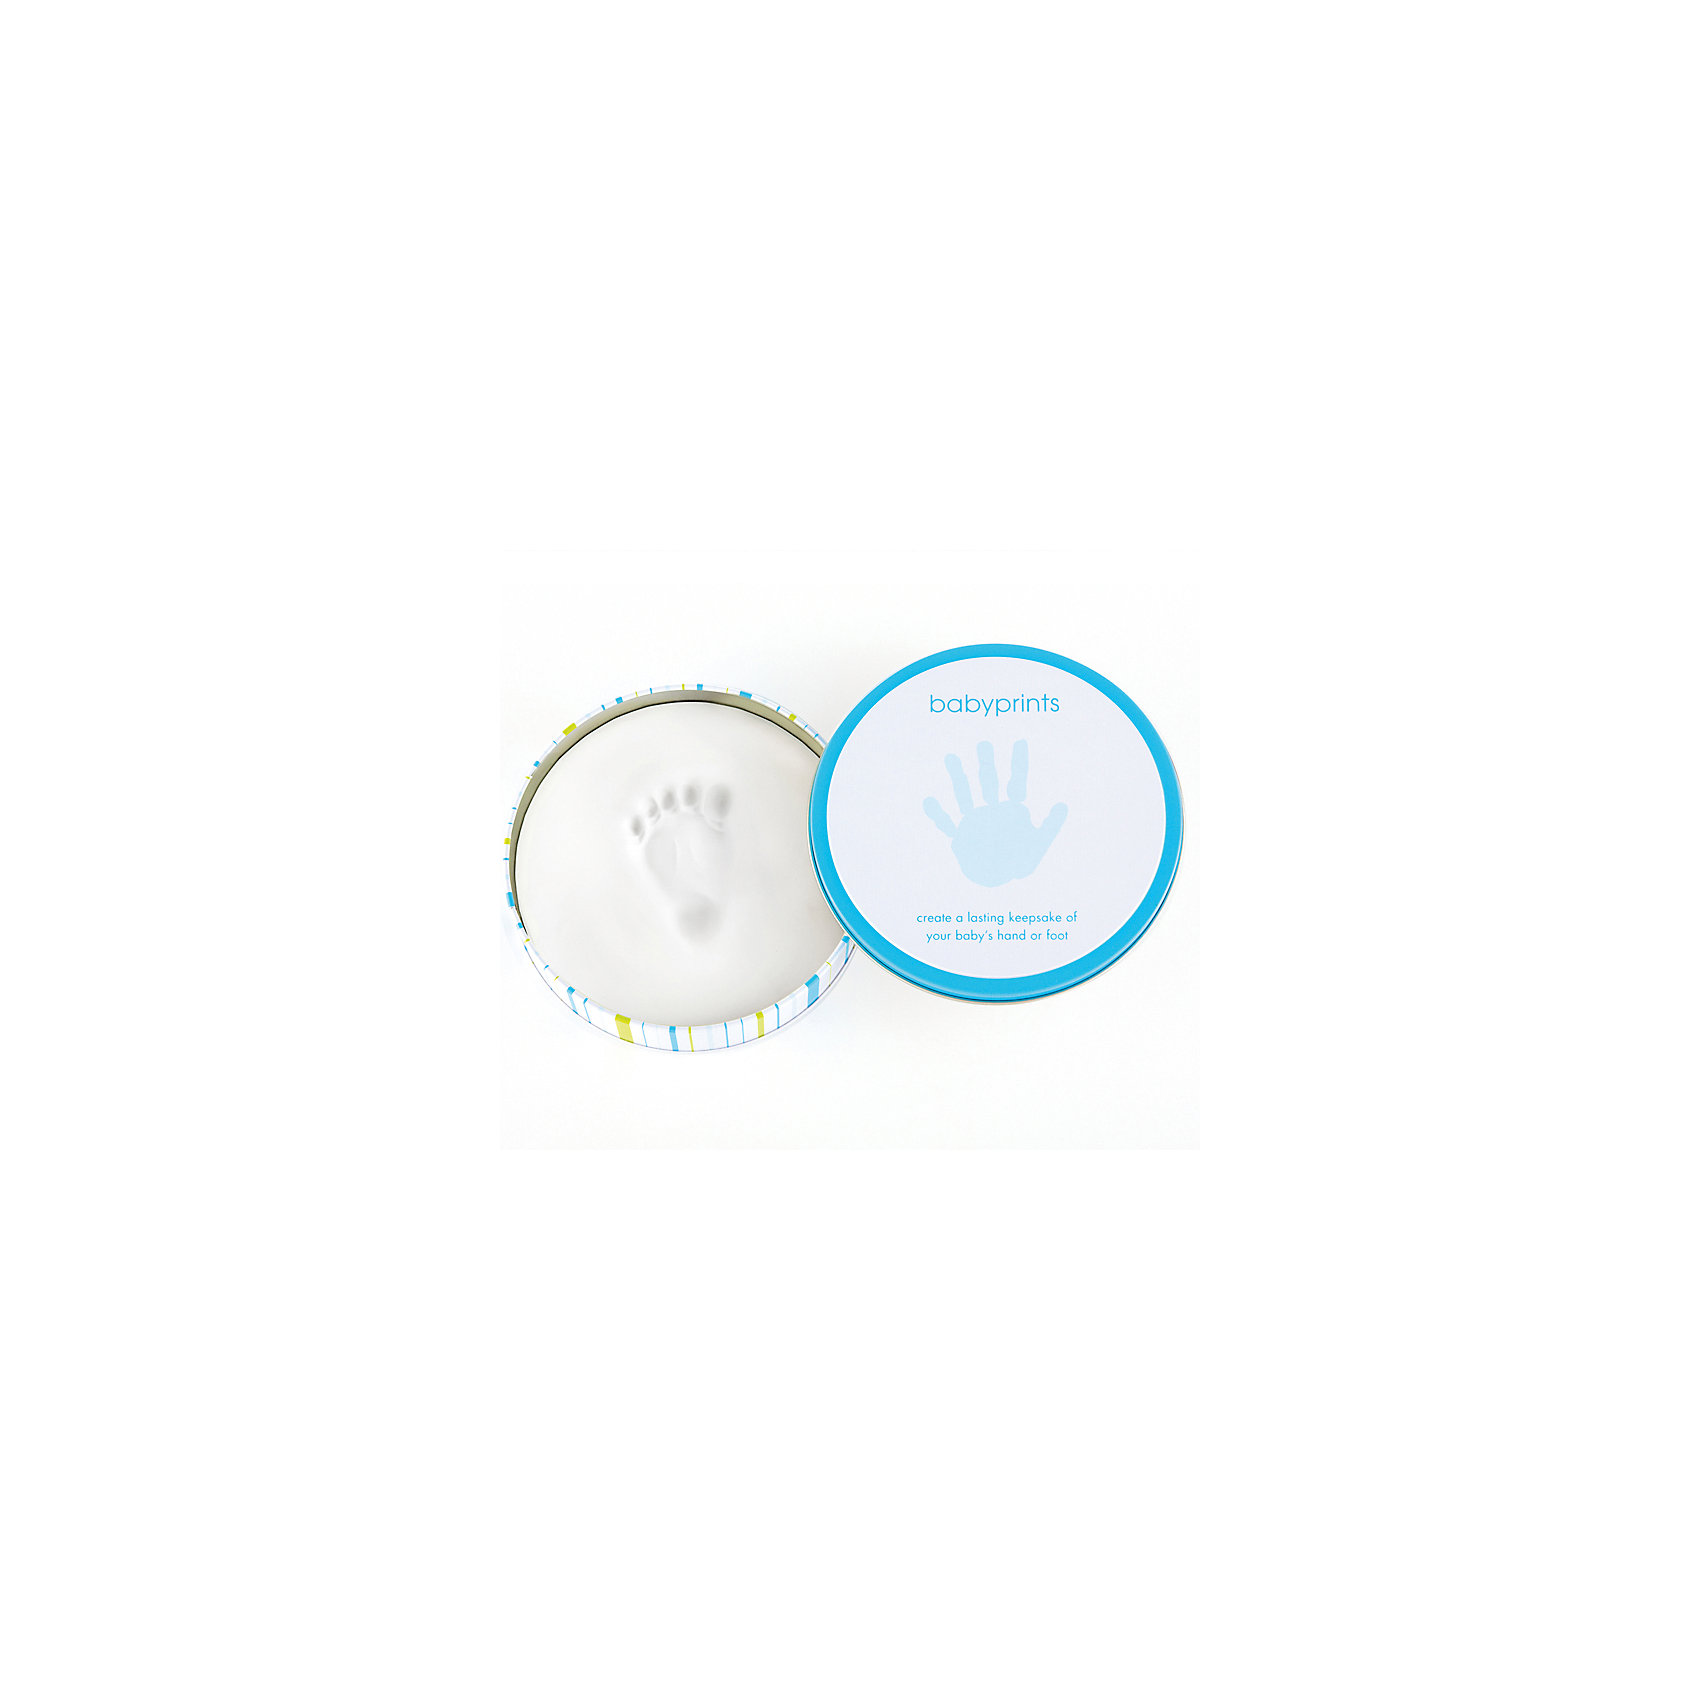 Подарок Пяточка-Ладошка (Отпечаток), PearheadХарактеристики:<br><br>• Пол: для мальчика<br>• Цвет: белый, голубой<br>• Материал: дерево, слепочный материал, олово<br>• Комплектация: материал для изготовления отпечатков, форма для заготовки, оловянная подставка, инструкция<br>• Тип рамки: для полки<br>• Количество секций: 2<br>• Форма секций: круг<br>• Оловянная подставка<br>• Размеры рамки (Д*Ш*В): 15*4*15 см <br>• Вес: 650 г <br>• Особенности ухода: допускается сухая и влажная чистка<br><br>Подарок Пяточка-Ладошка (Отпечаток), Pearhead изготовлена американским торговым брендом, который специализируется на создании подарочных наборов для новорожденных и их родителей. Инновационные технологии, которые используются при создании наборов для изготовления слепков являются безопасными и не вызывают аллергии. <br><br>Разработанный специальным образом материал для снятия слепков обеспечивает чистое касание детской ручки или ножки. В набор входит рамка, состоящая из двух круглых секций, необходимые материалы и инструменты для создания детских слепков. Оловянная подставка придает устойчивость изделию. Изделие выполнено в классическом дизайне, поэтому подойдет для интерьера любого стилевого направления. <br><br>Подарок Пяточка-Ладошка (Отпечаток), Pearhead можно купить в нашем интернет-магазине.<br><br>Ширина мм: 150<br>Глубина мм: 40<br>Высота мм: 150<br>Вес г: 220<br>Возраст от месяцев: 0<br>Возраст до месяцев: 84<br>Пол: Мужской<br>Возраст: Детский<br>SKU: 5482432